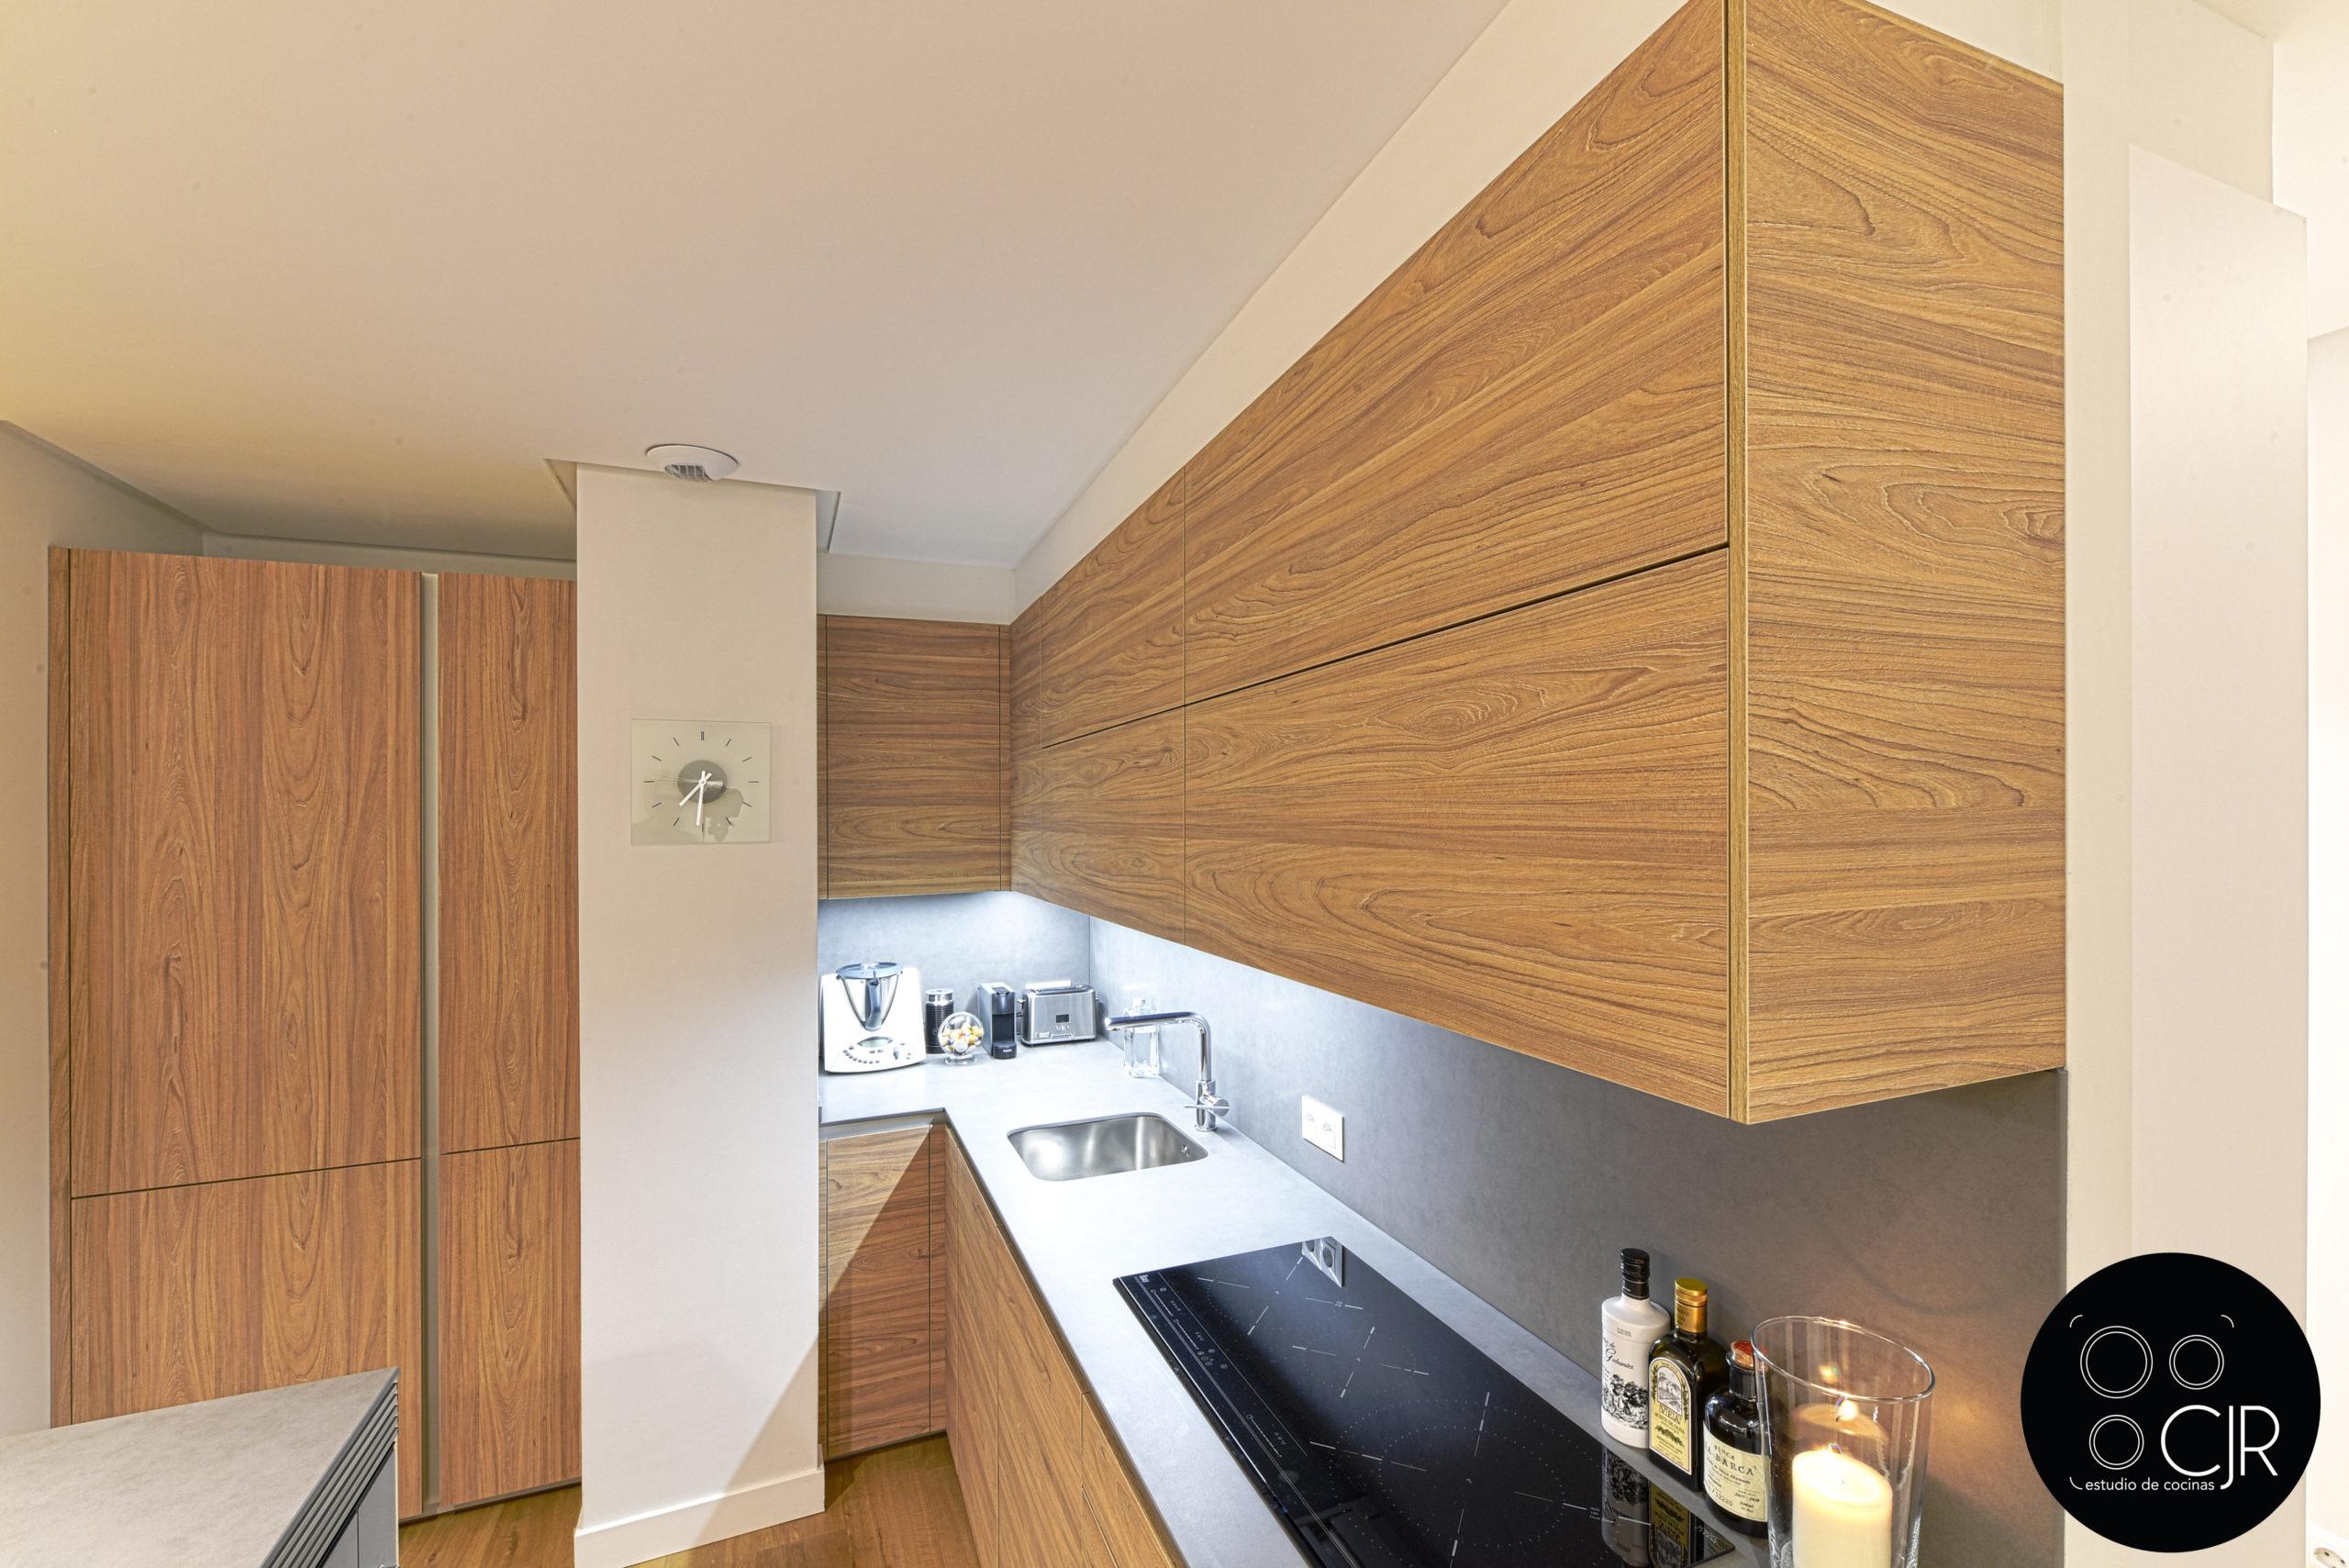 Vista superior de cocina en madera y gris